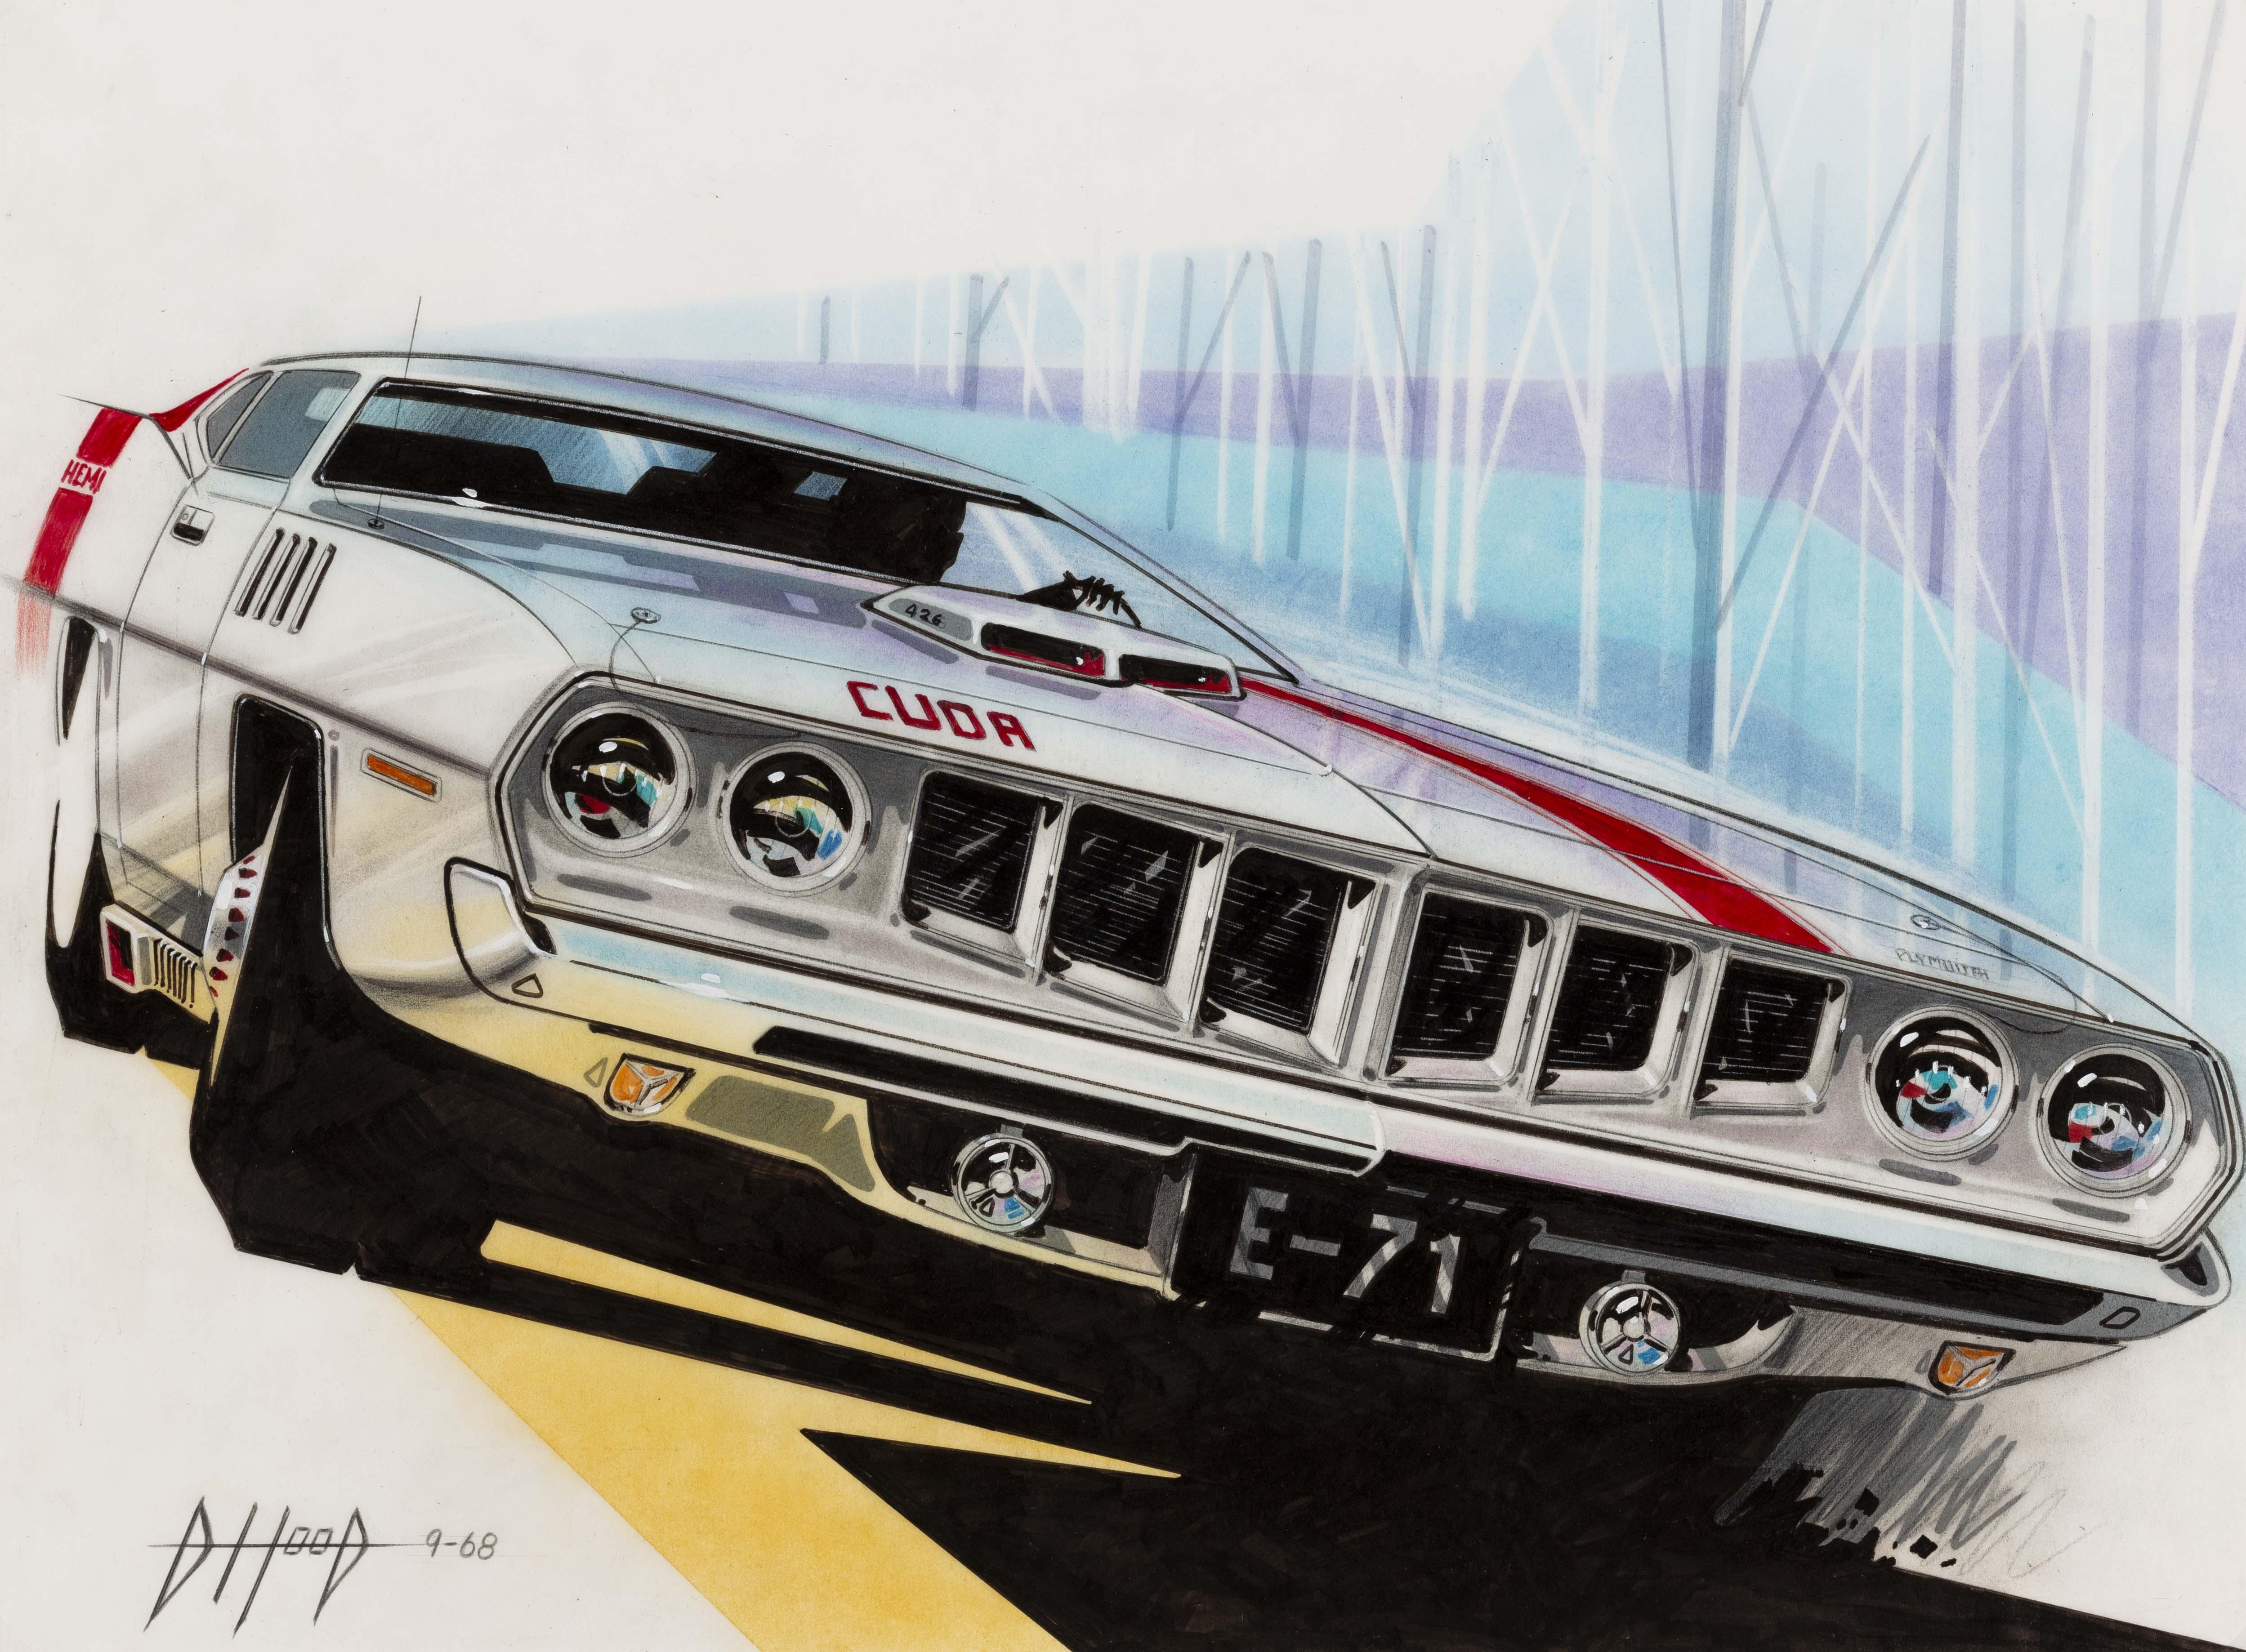 """Idea de alargamiento frontal frontal para """"Barracuda del 71"""", 1968, Donald Hood."""